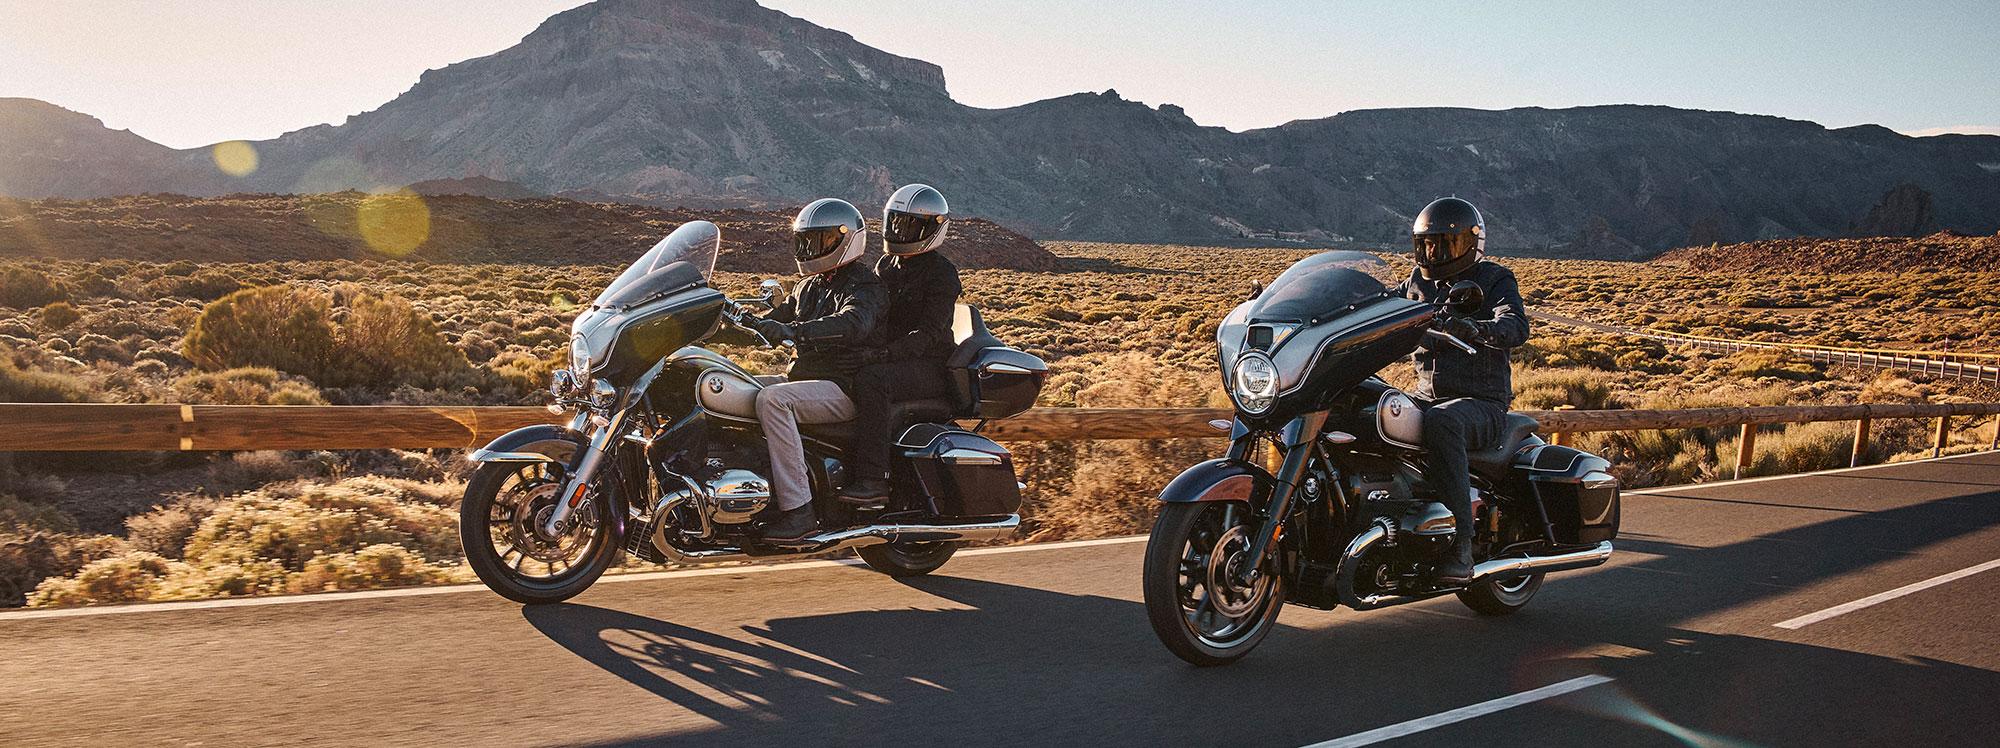 Motos BMW: lujo y estilo en las carreteras